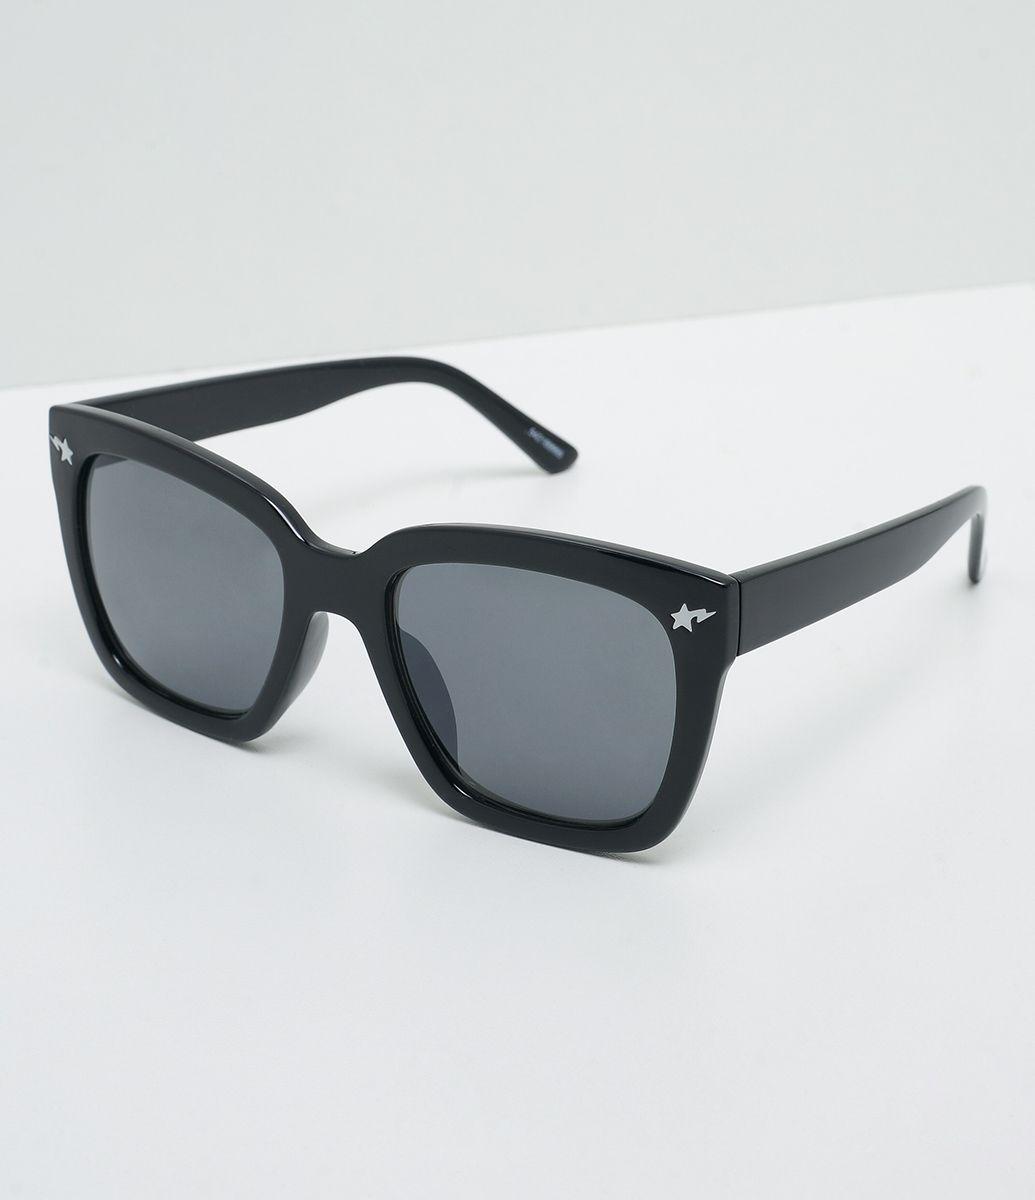 697d86f0a7c85 Óculos de sol Modelo quadrado Hastes em acetato Lentes fumê total Proteção  contra raios UVA